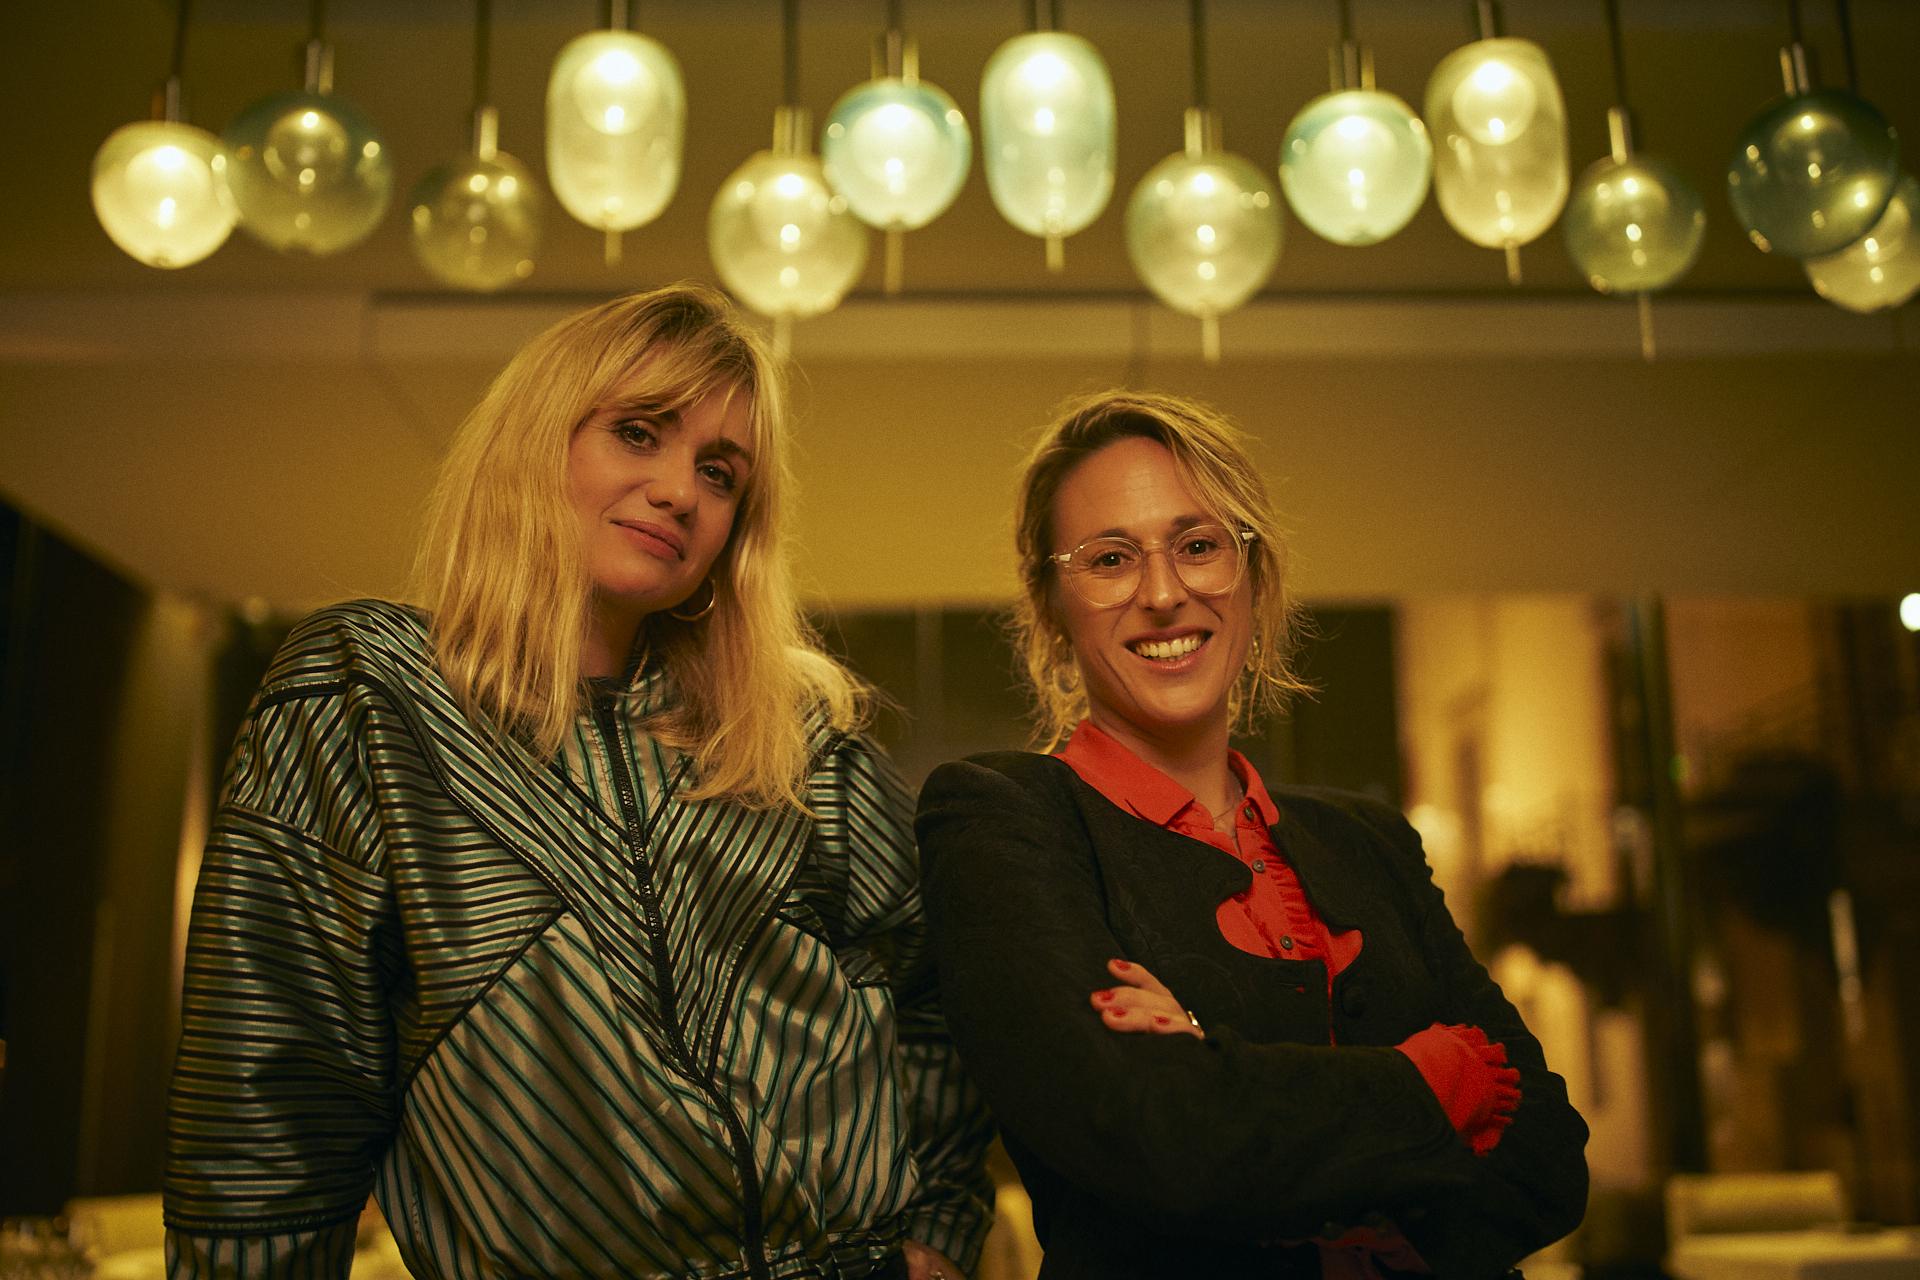 Katell Quillevere et Charlène Favier - FIFSJL2020